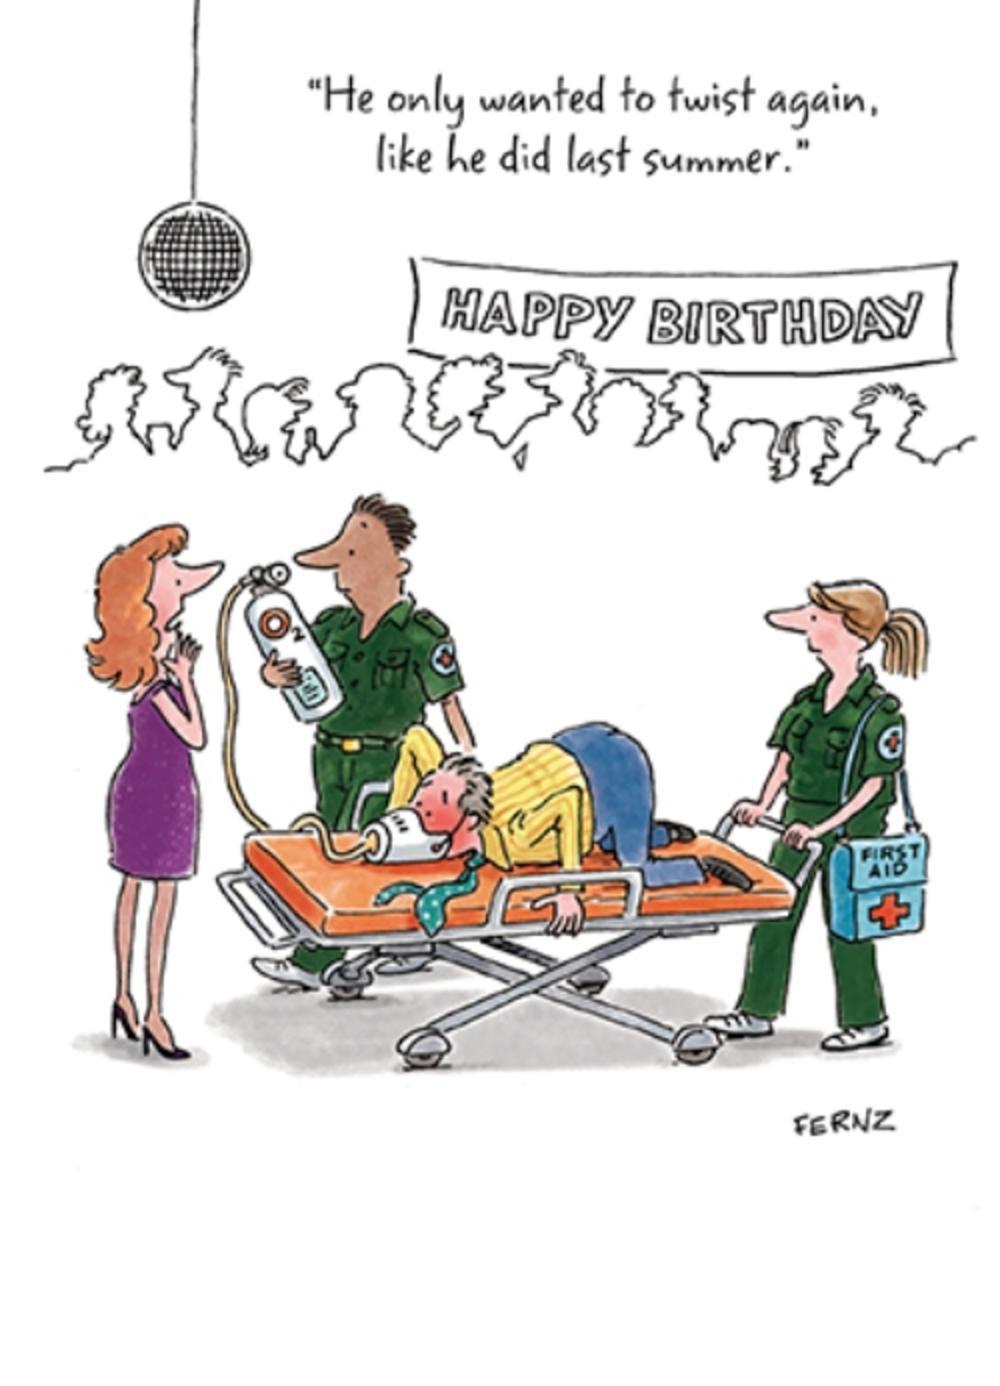 Twist Again Funny Birthday Greeting Card